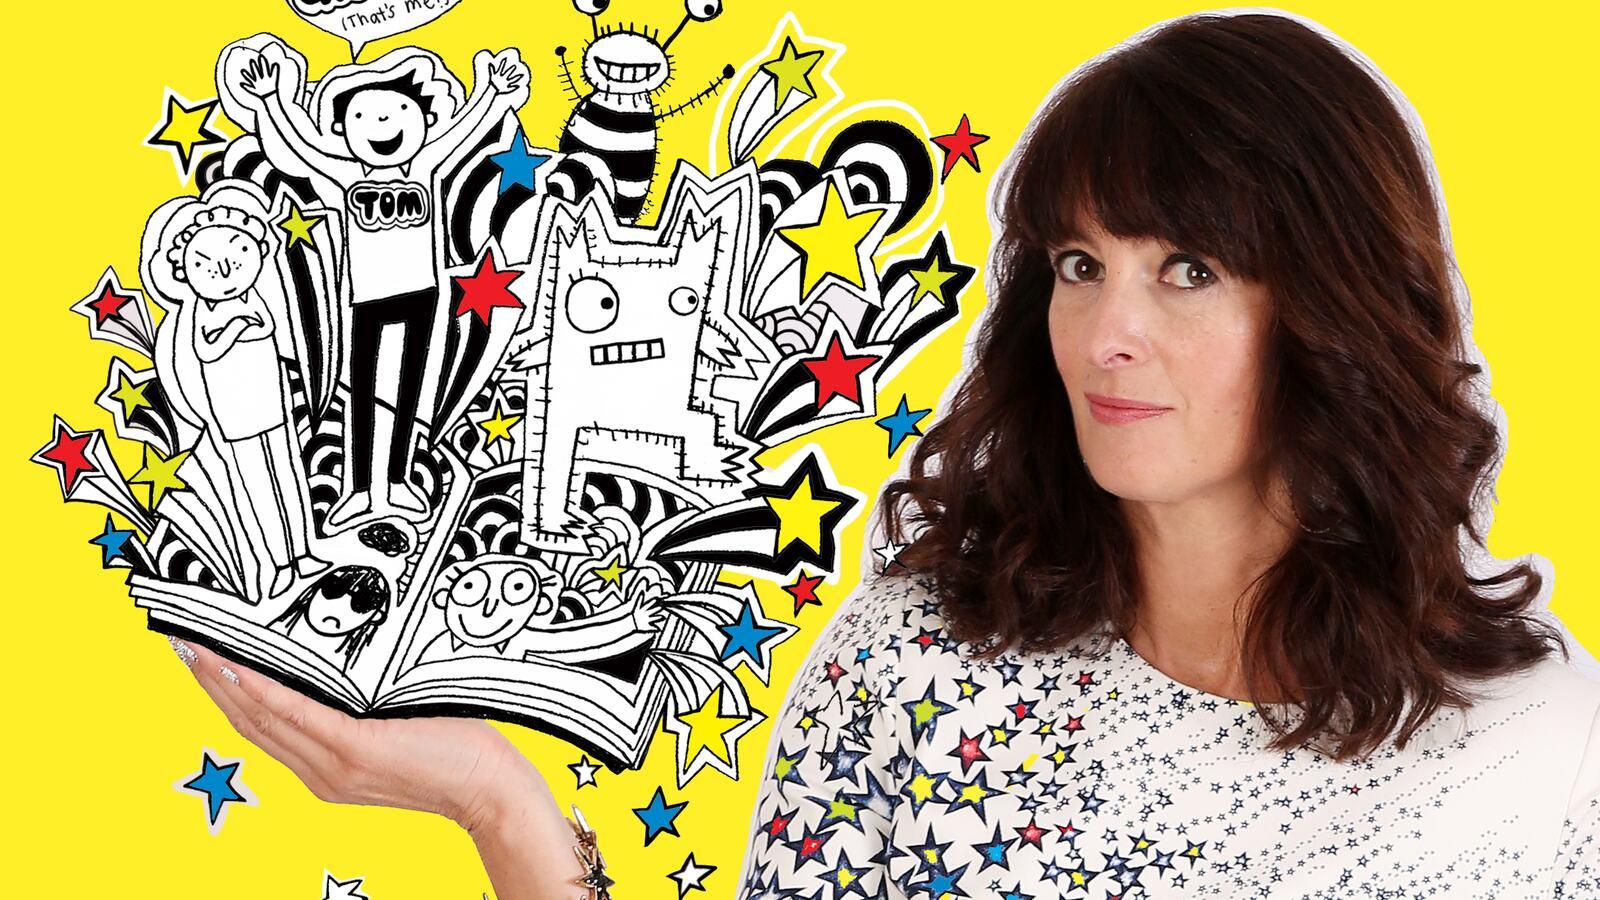 Liz Pichon, British illustrator